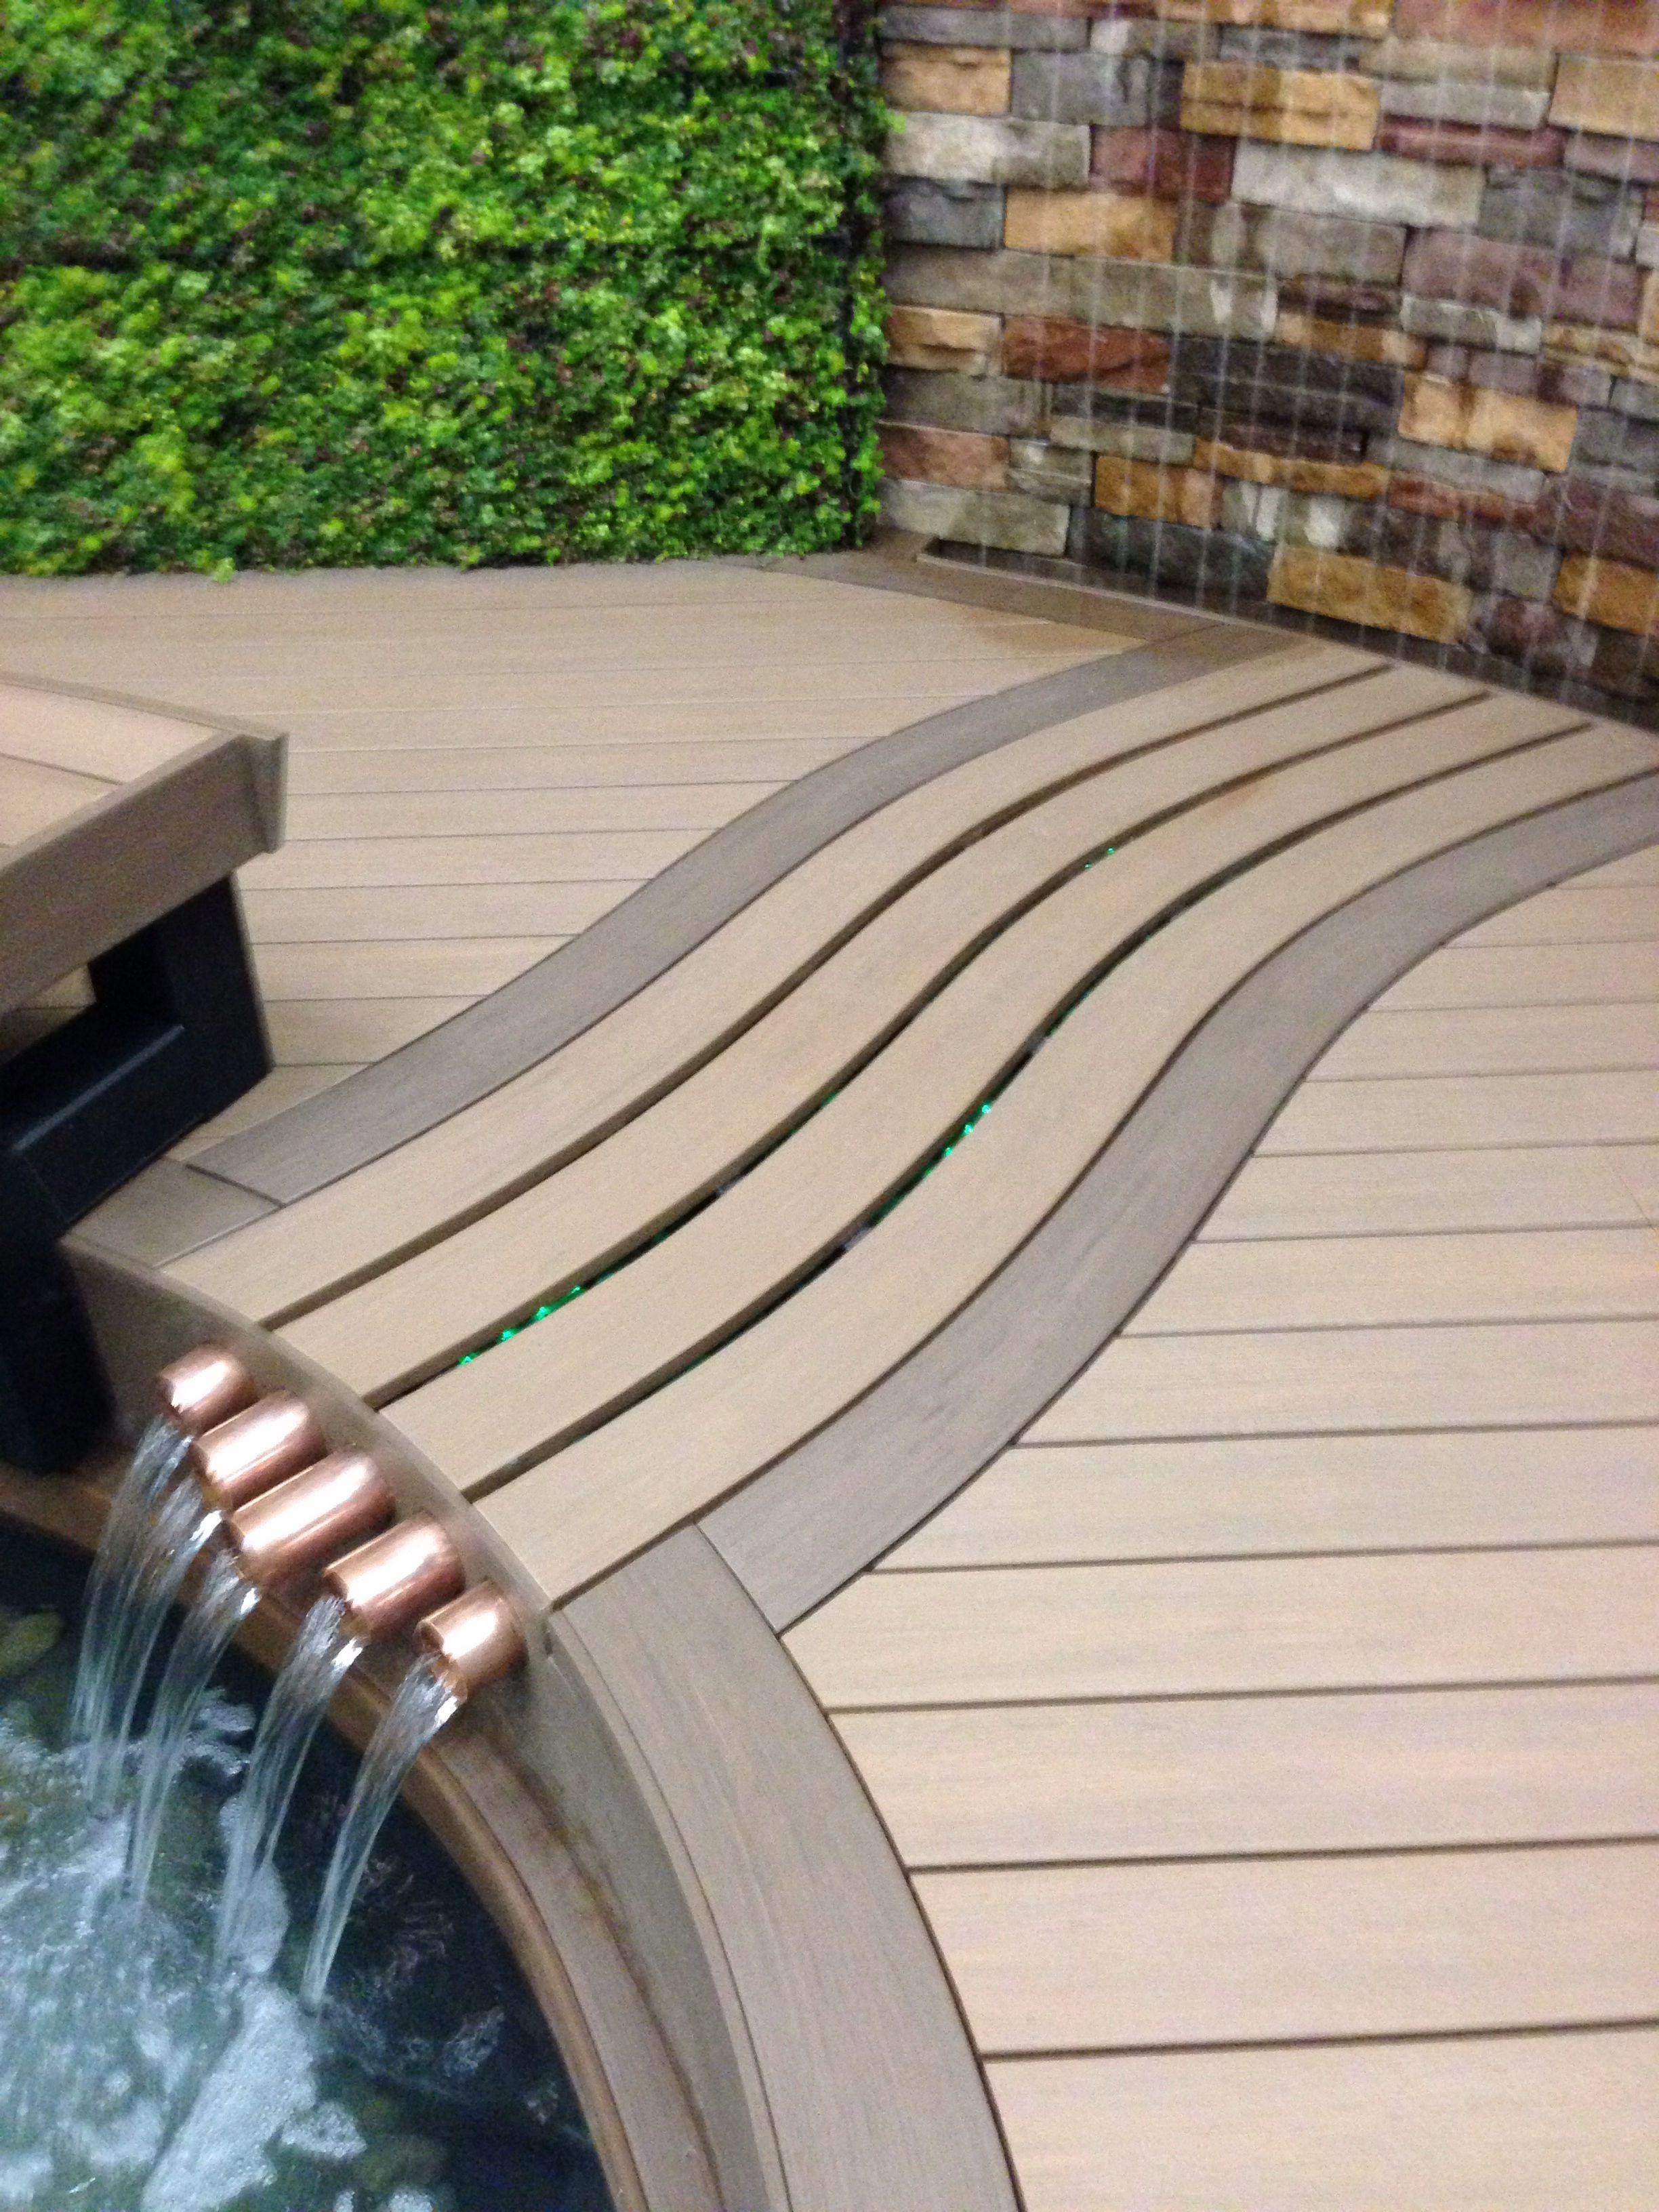 Construction decking - a unique material 92